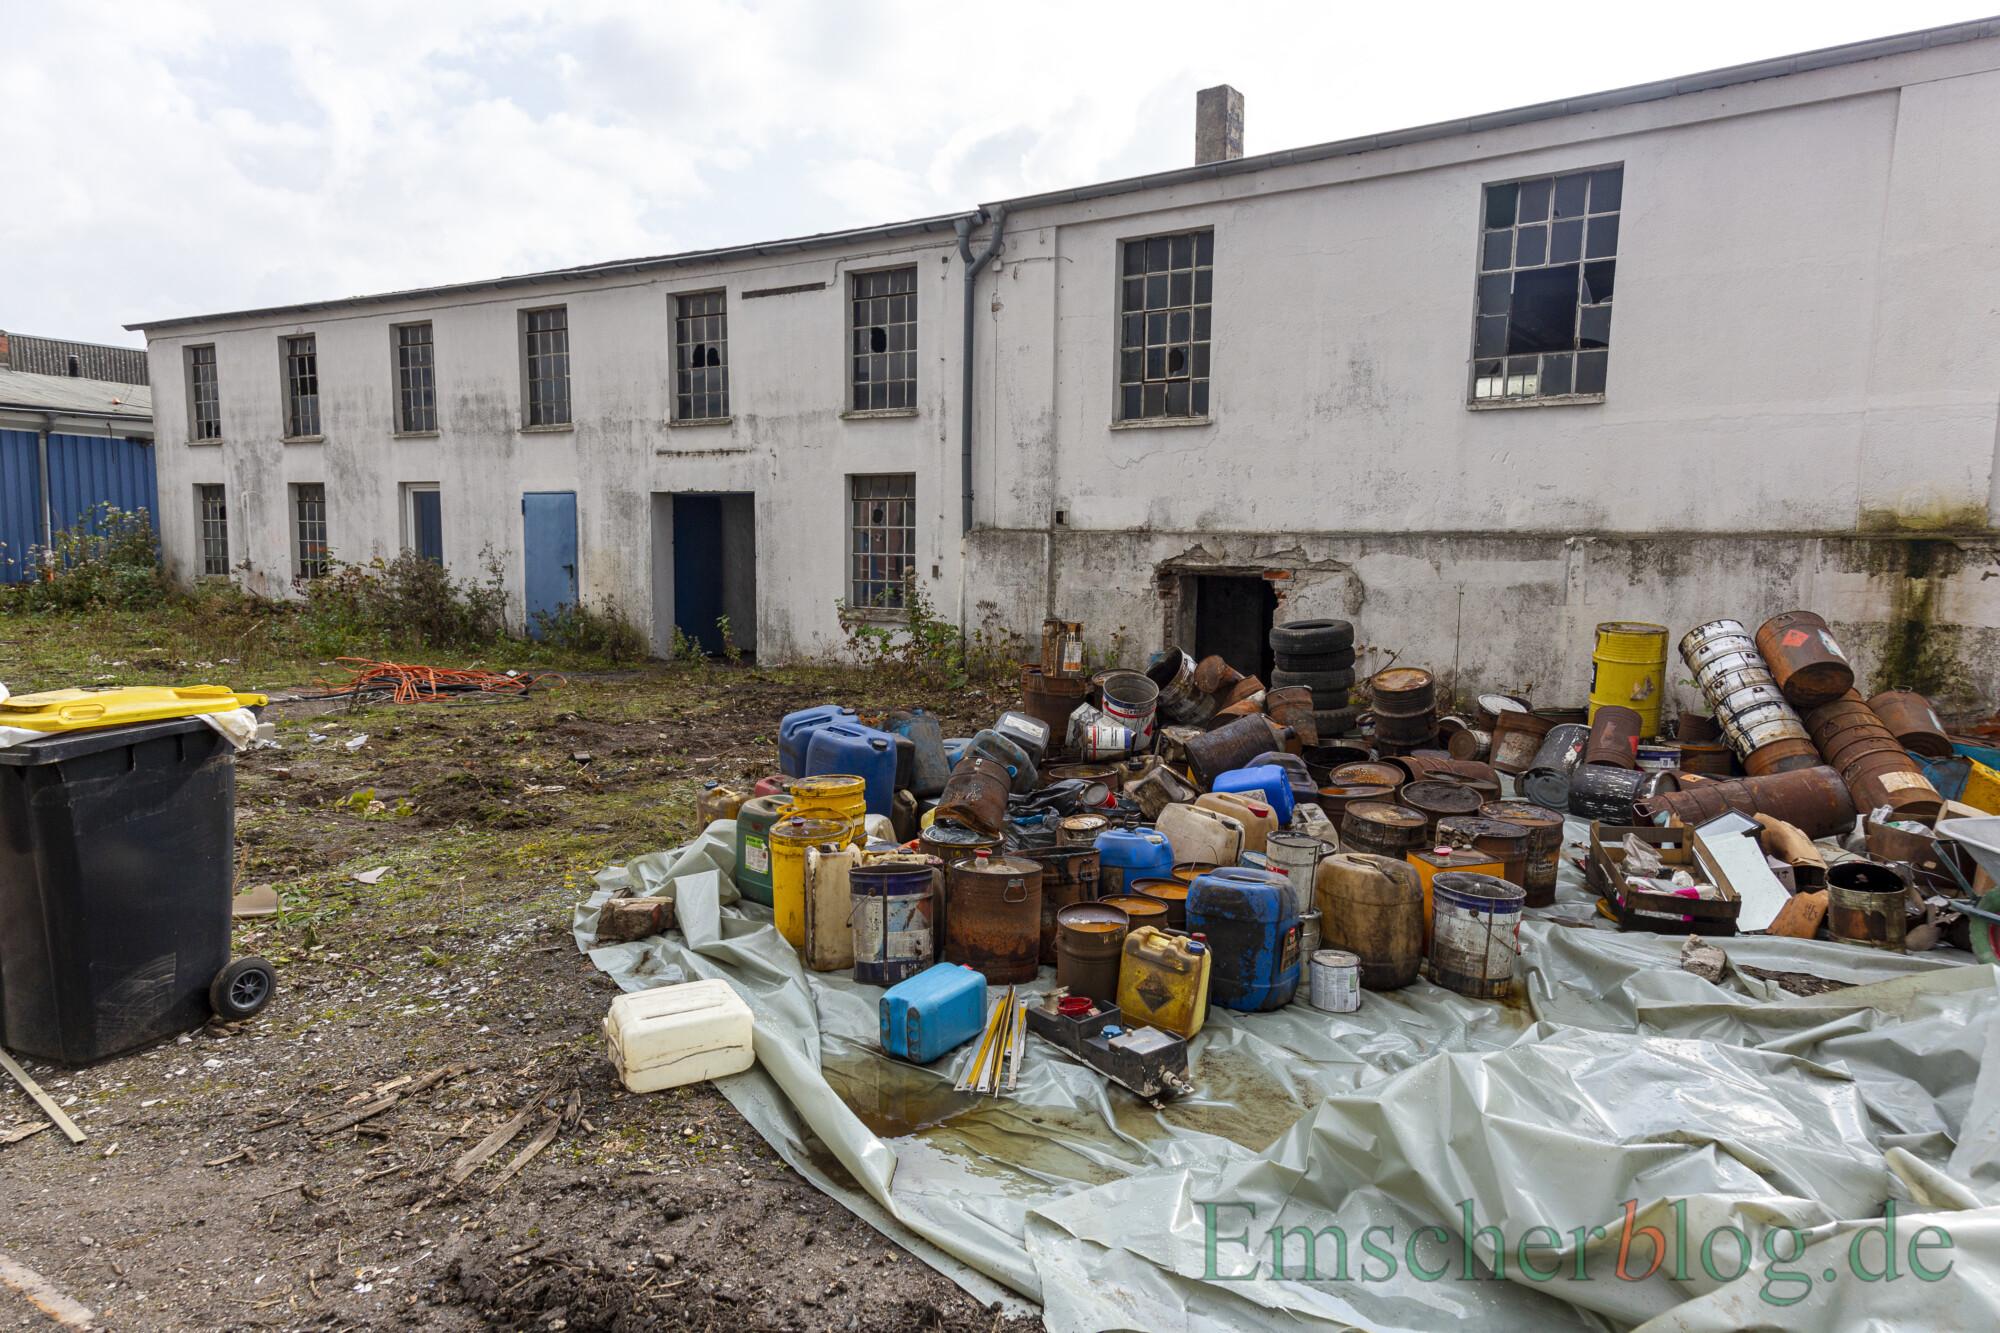 Auf dem ehemaligen Künstler-Gelände befinden sich Altlasten, die teilweise schon entsorgt wurden oder auf Abholung durch das Schadstoffmobil des Kreises Unna warten.  Die SPD hat dazu jetzt eine Anfrage an die Gemeinde gestellt. (Foto: P. Gräber - Emscherblog)